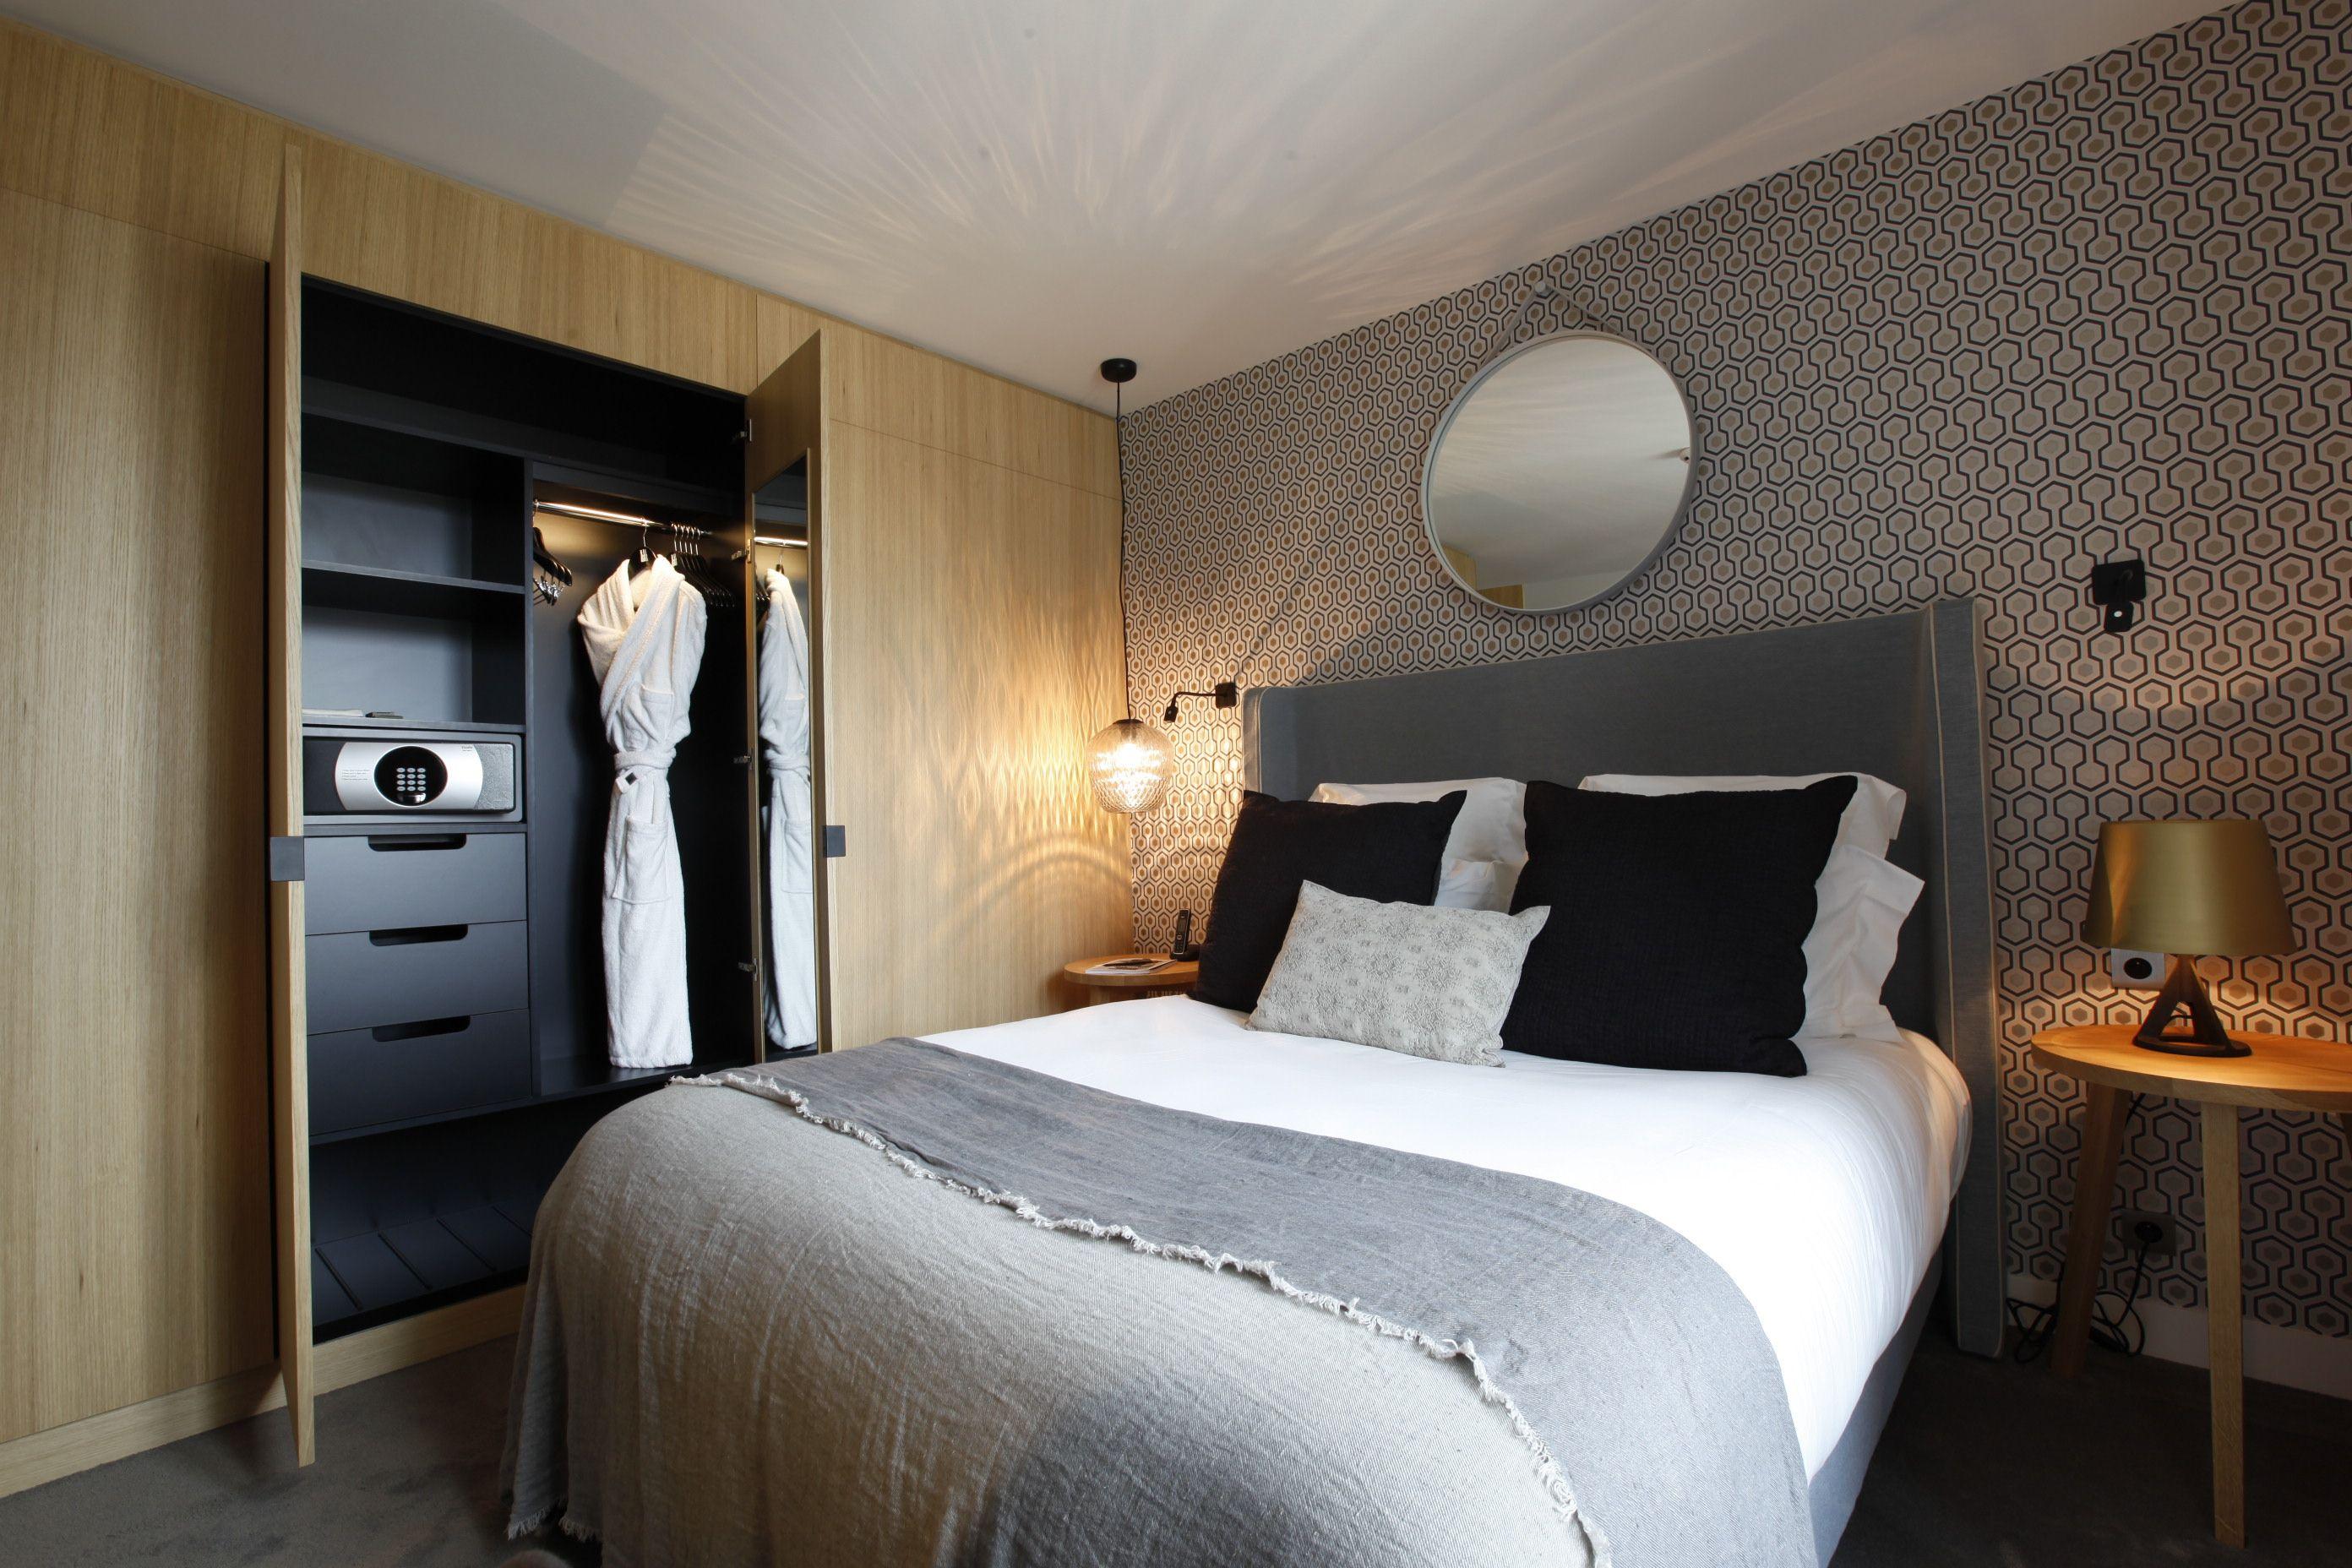 H´tel Square Louvois Chambre avec dressing Pinterest